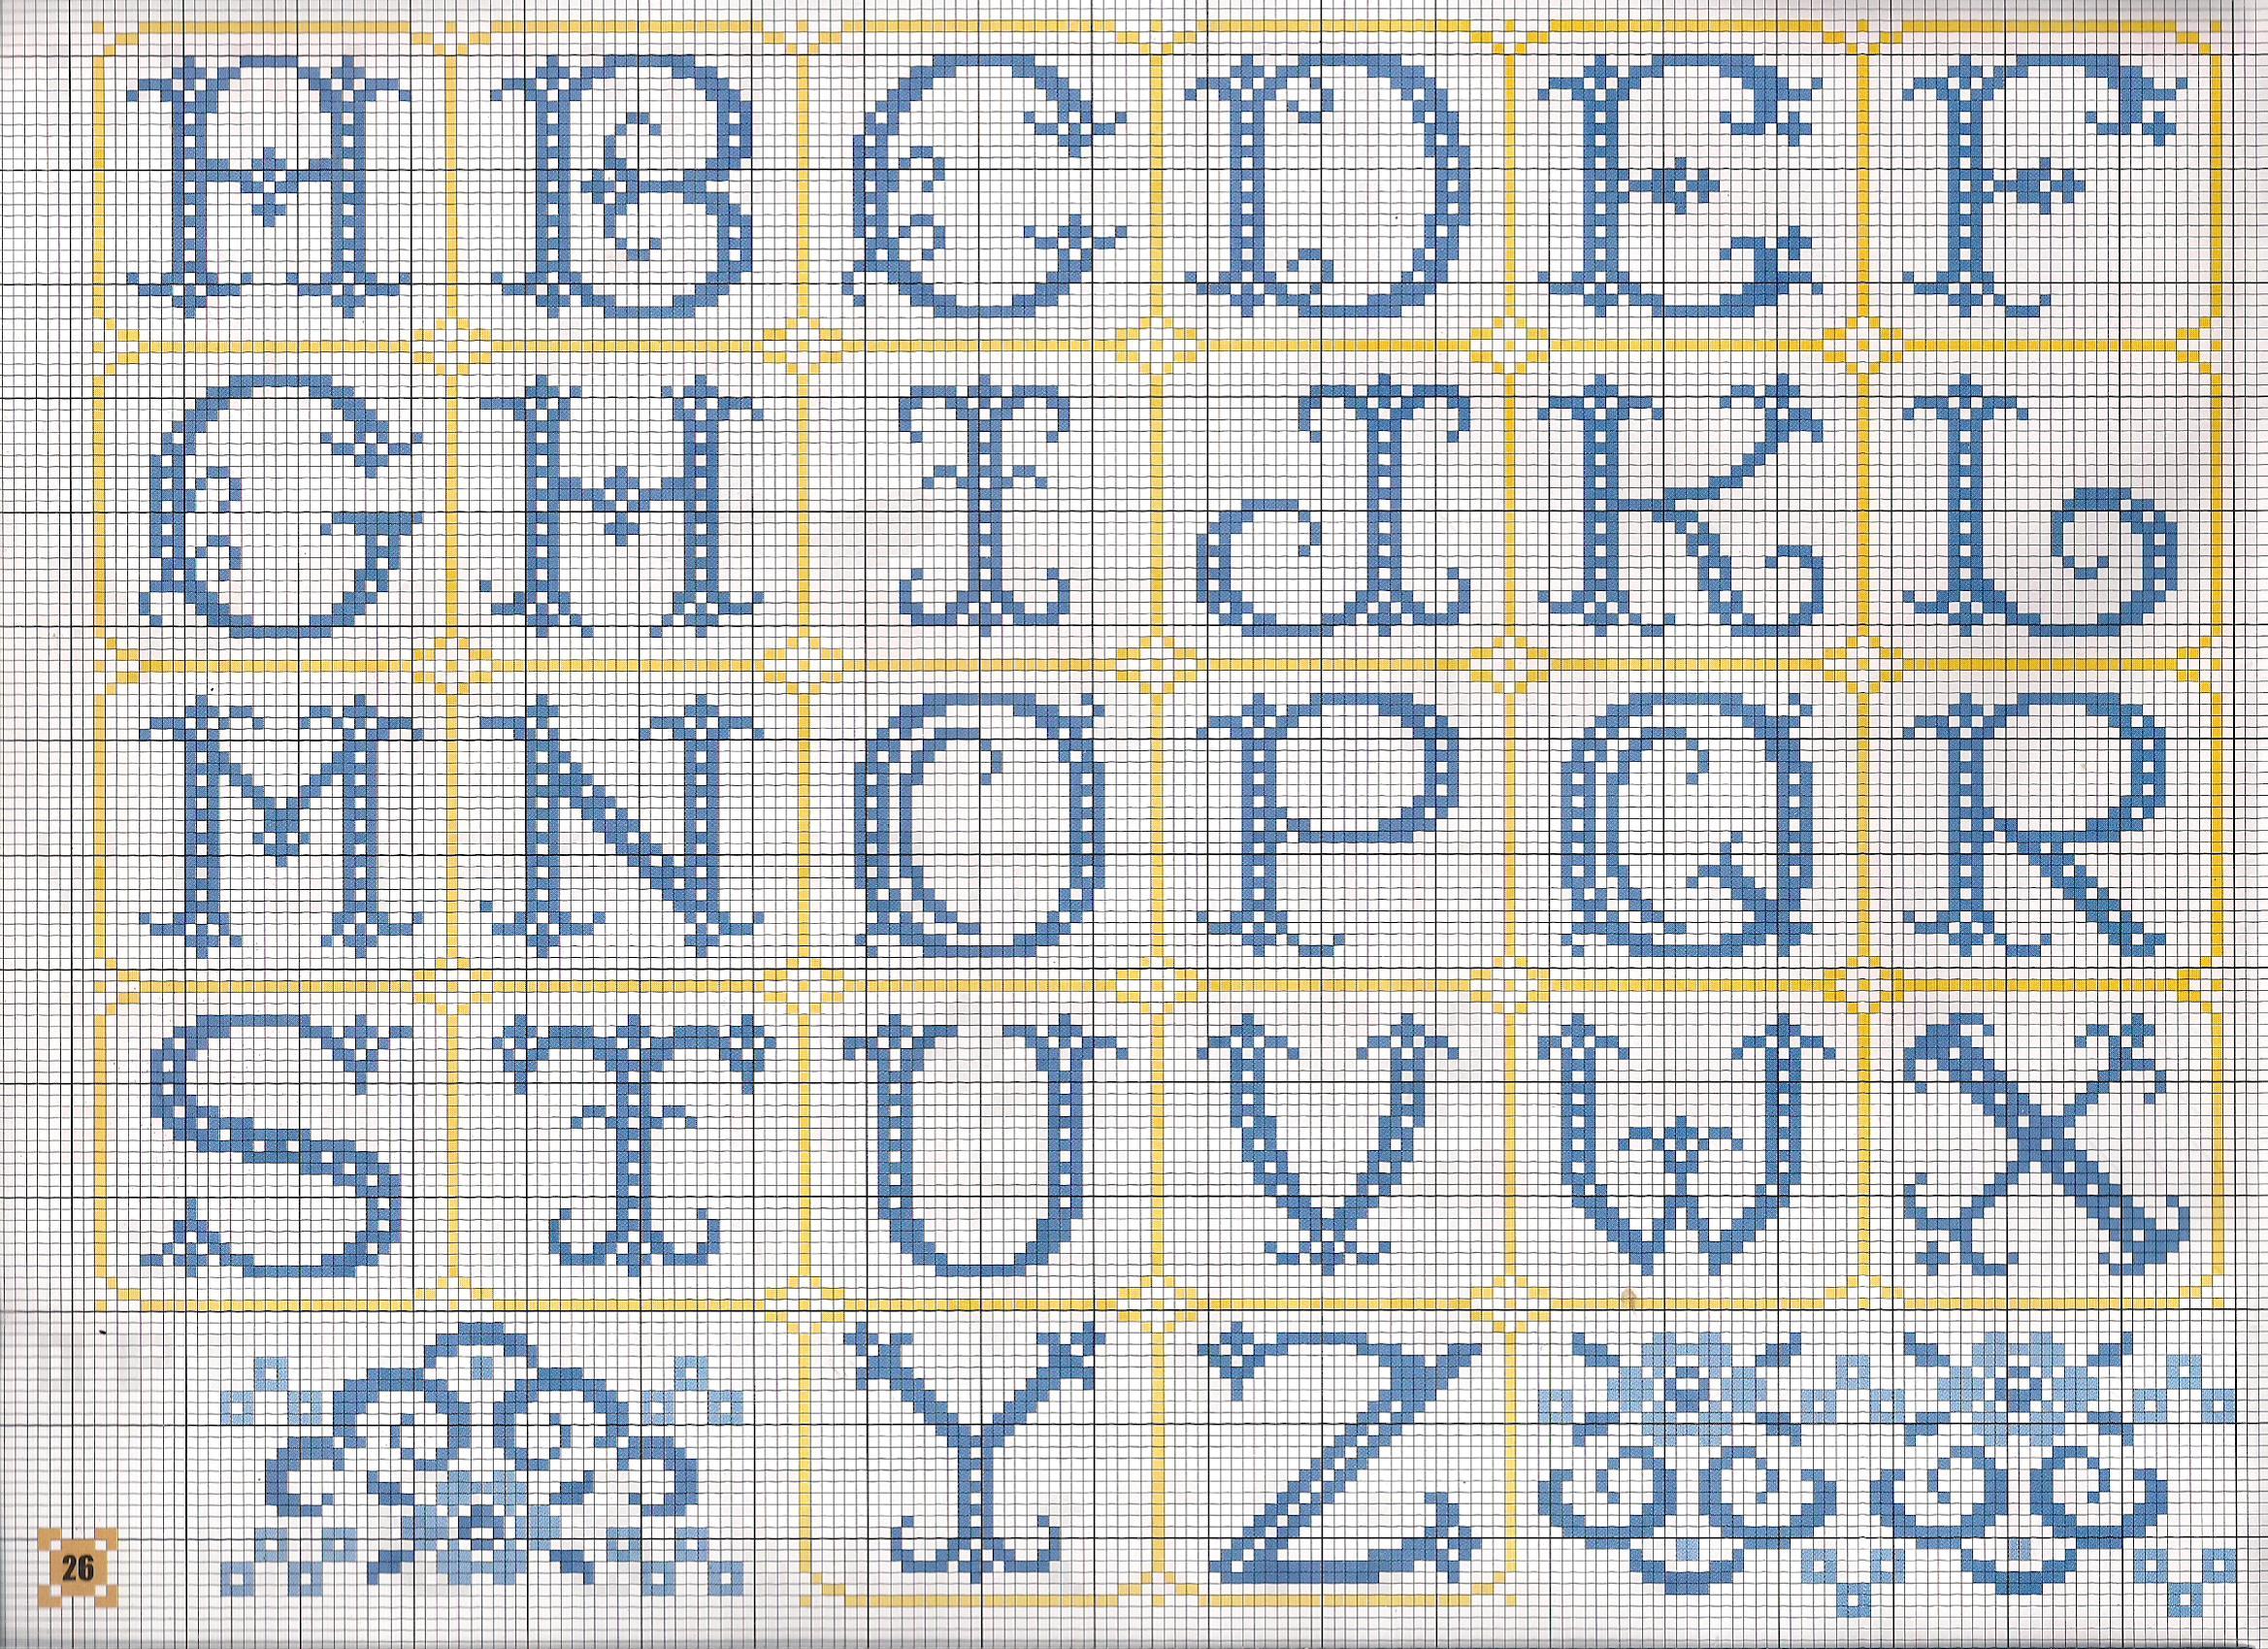 Alfabeto monocolore blu punto croce for Ricamo punto croce lettere